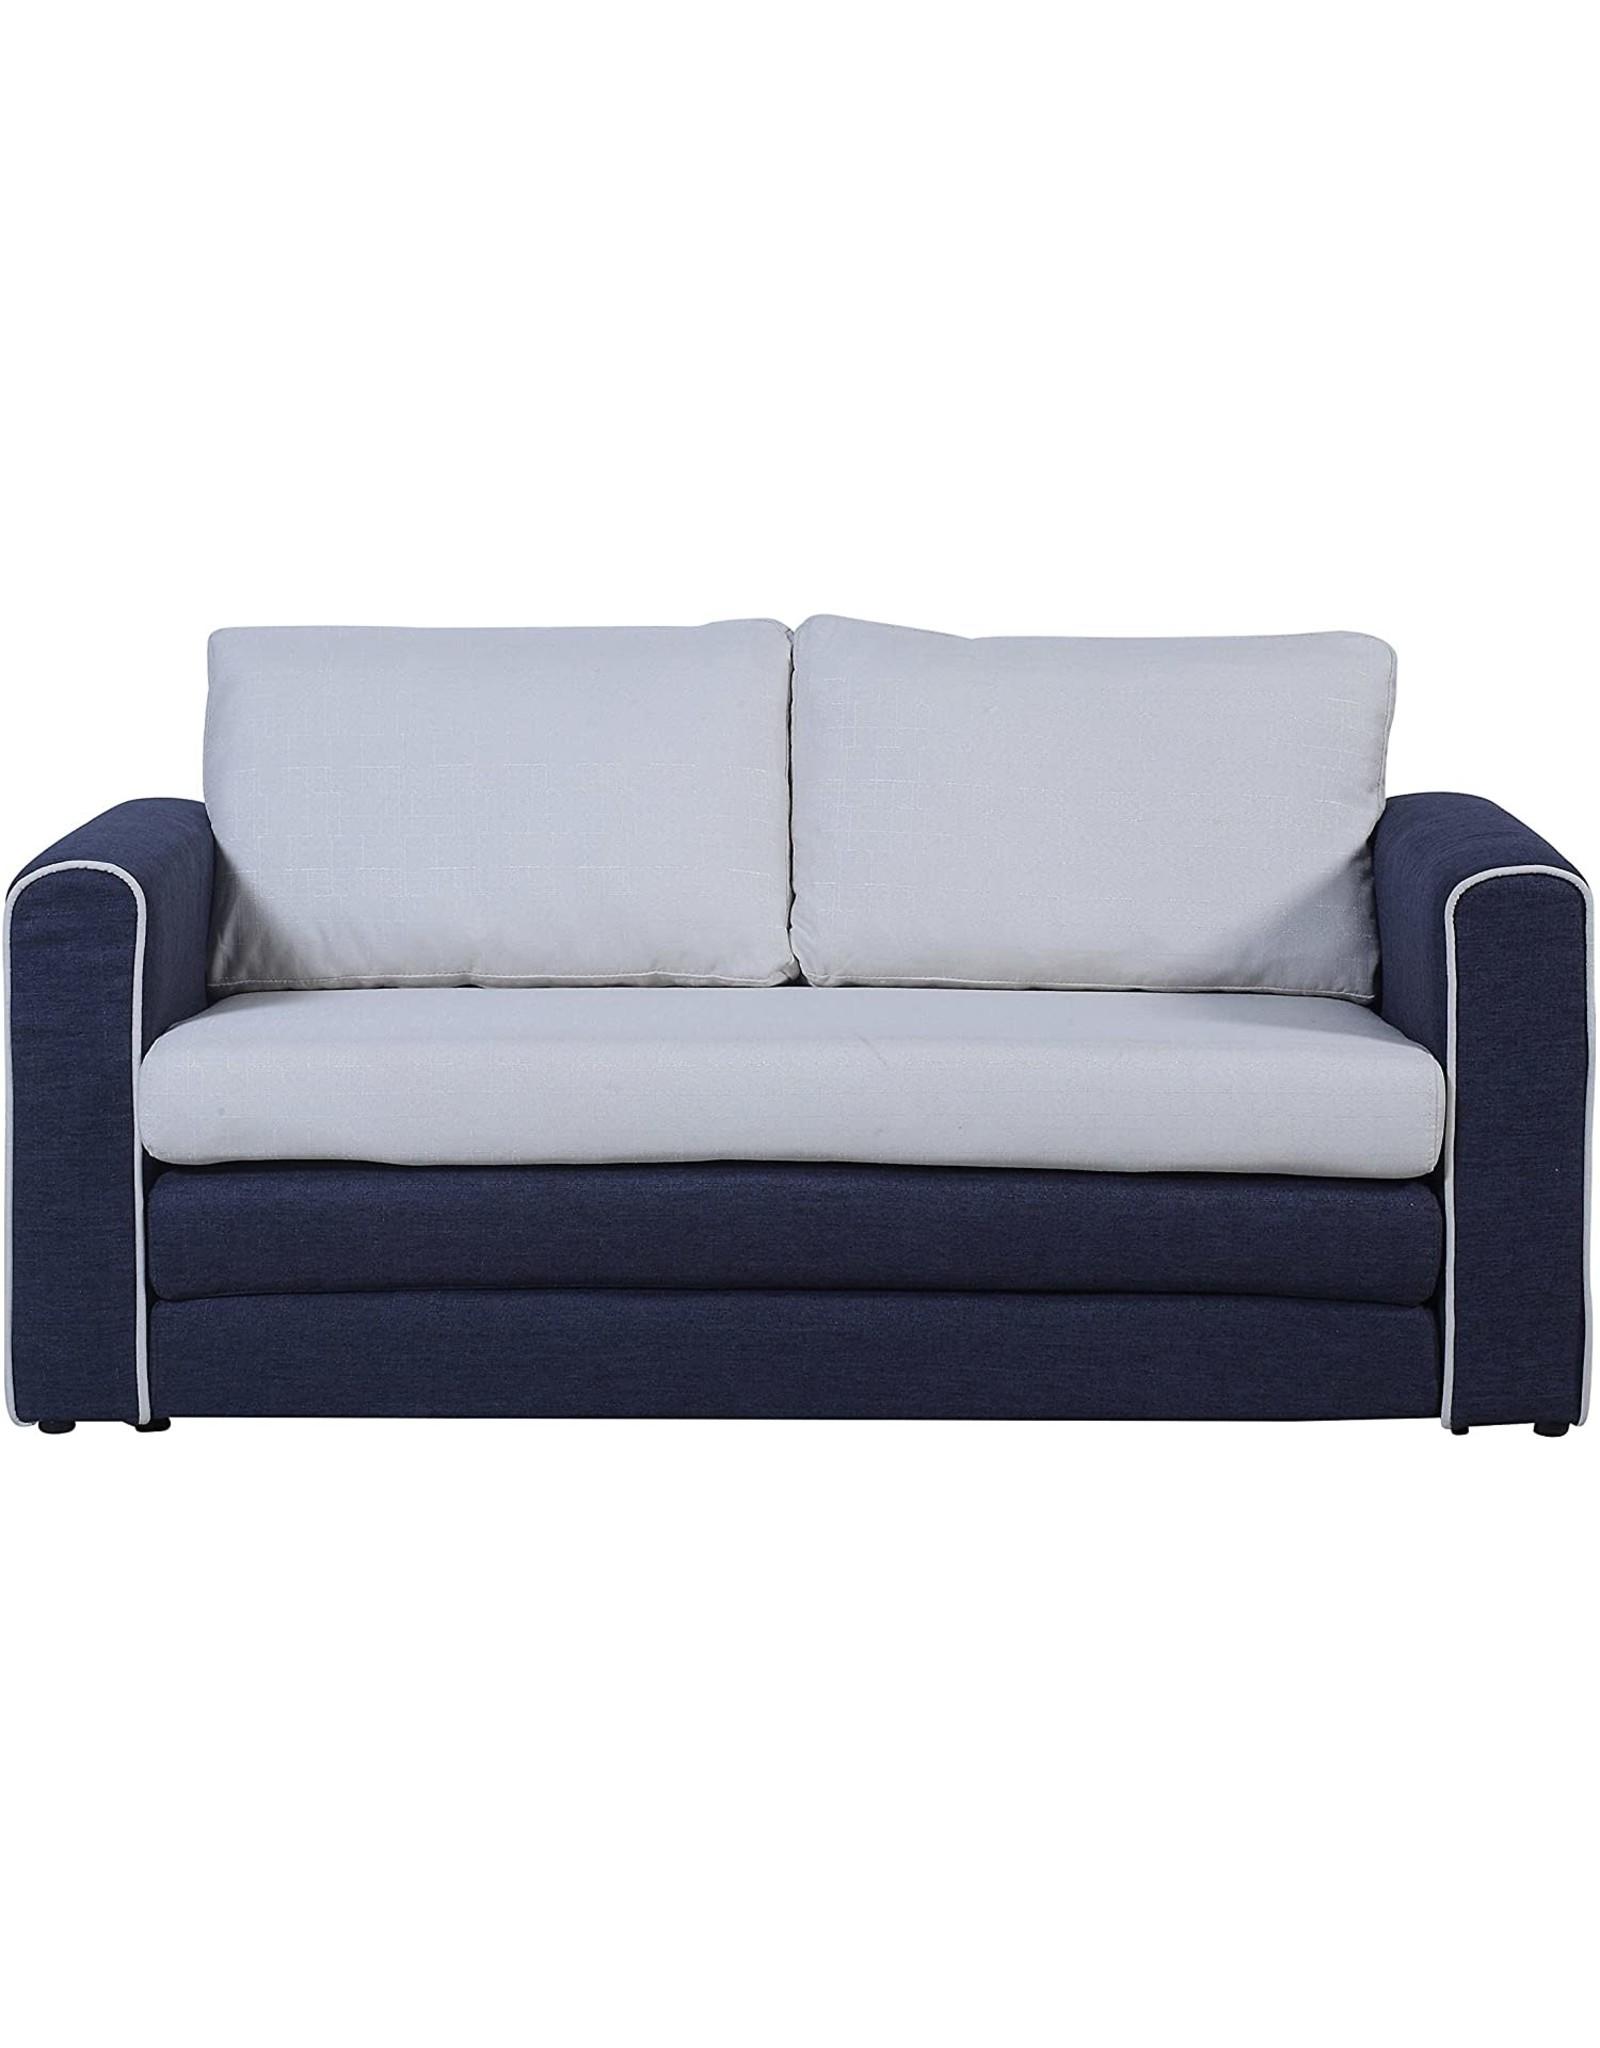 Divano Roma Furniture Divano Roma Furniture Modern Sofas, Dark Blue/Beige